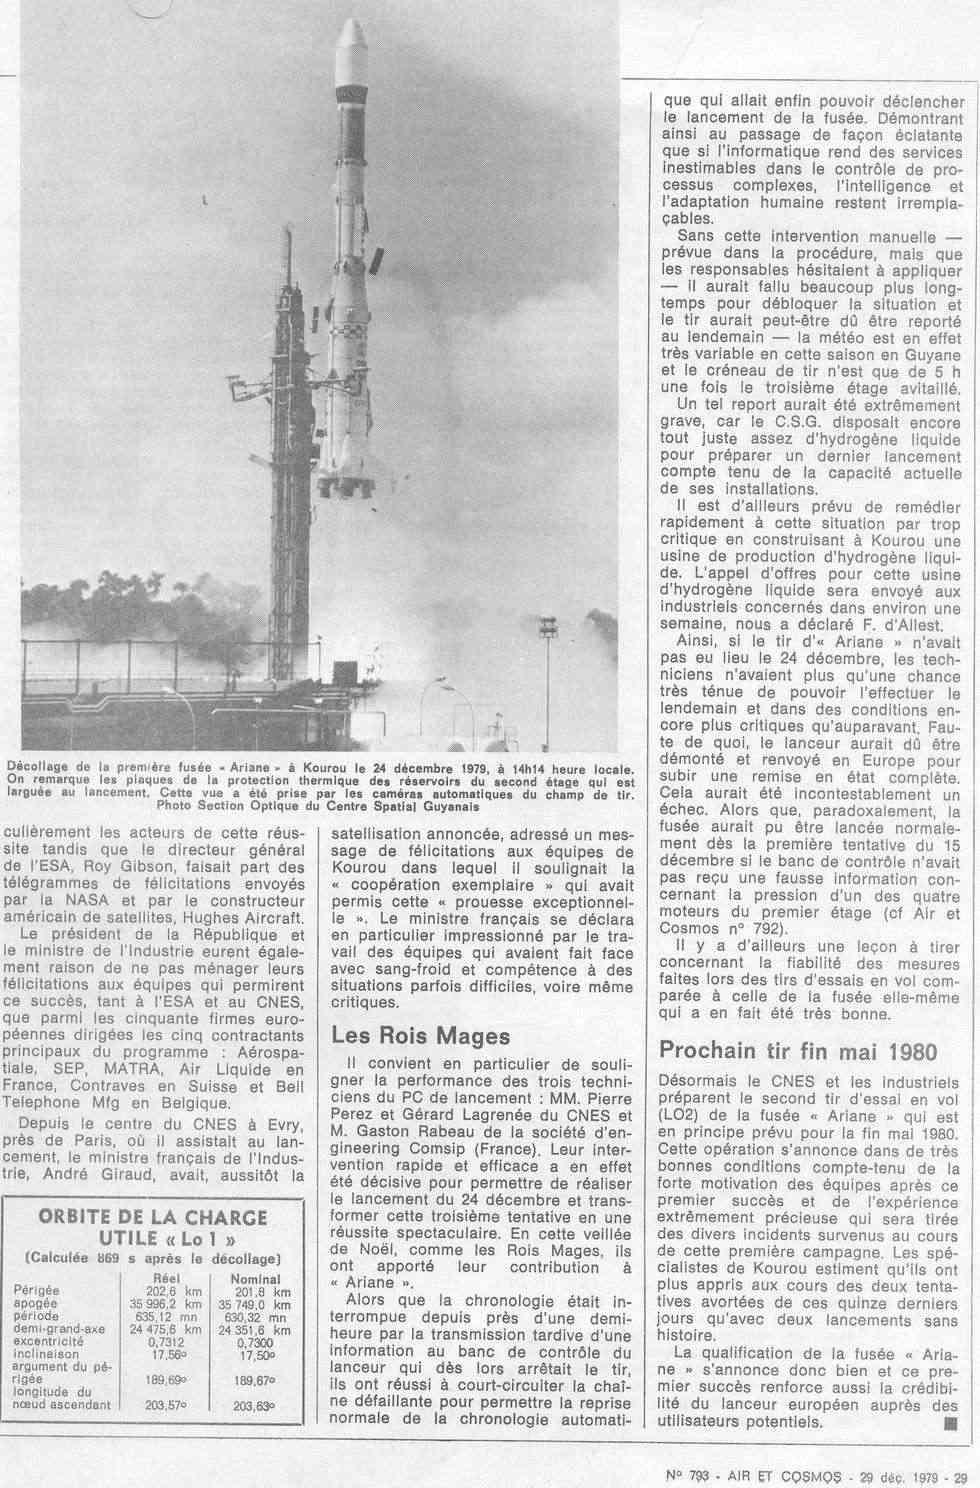 24 décembre 1979 - Début de l'ère d'Ariane 79122911